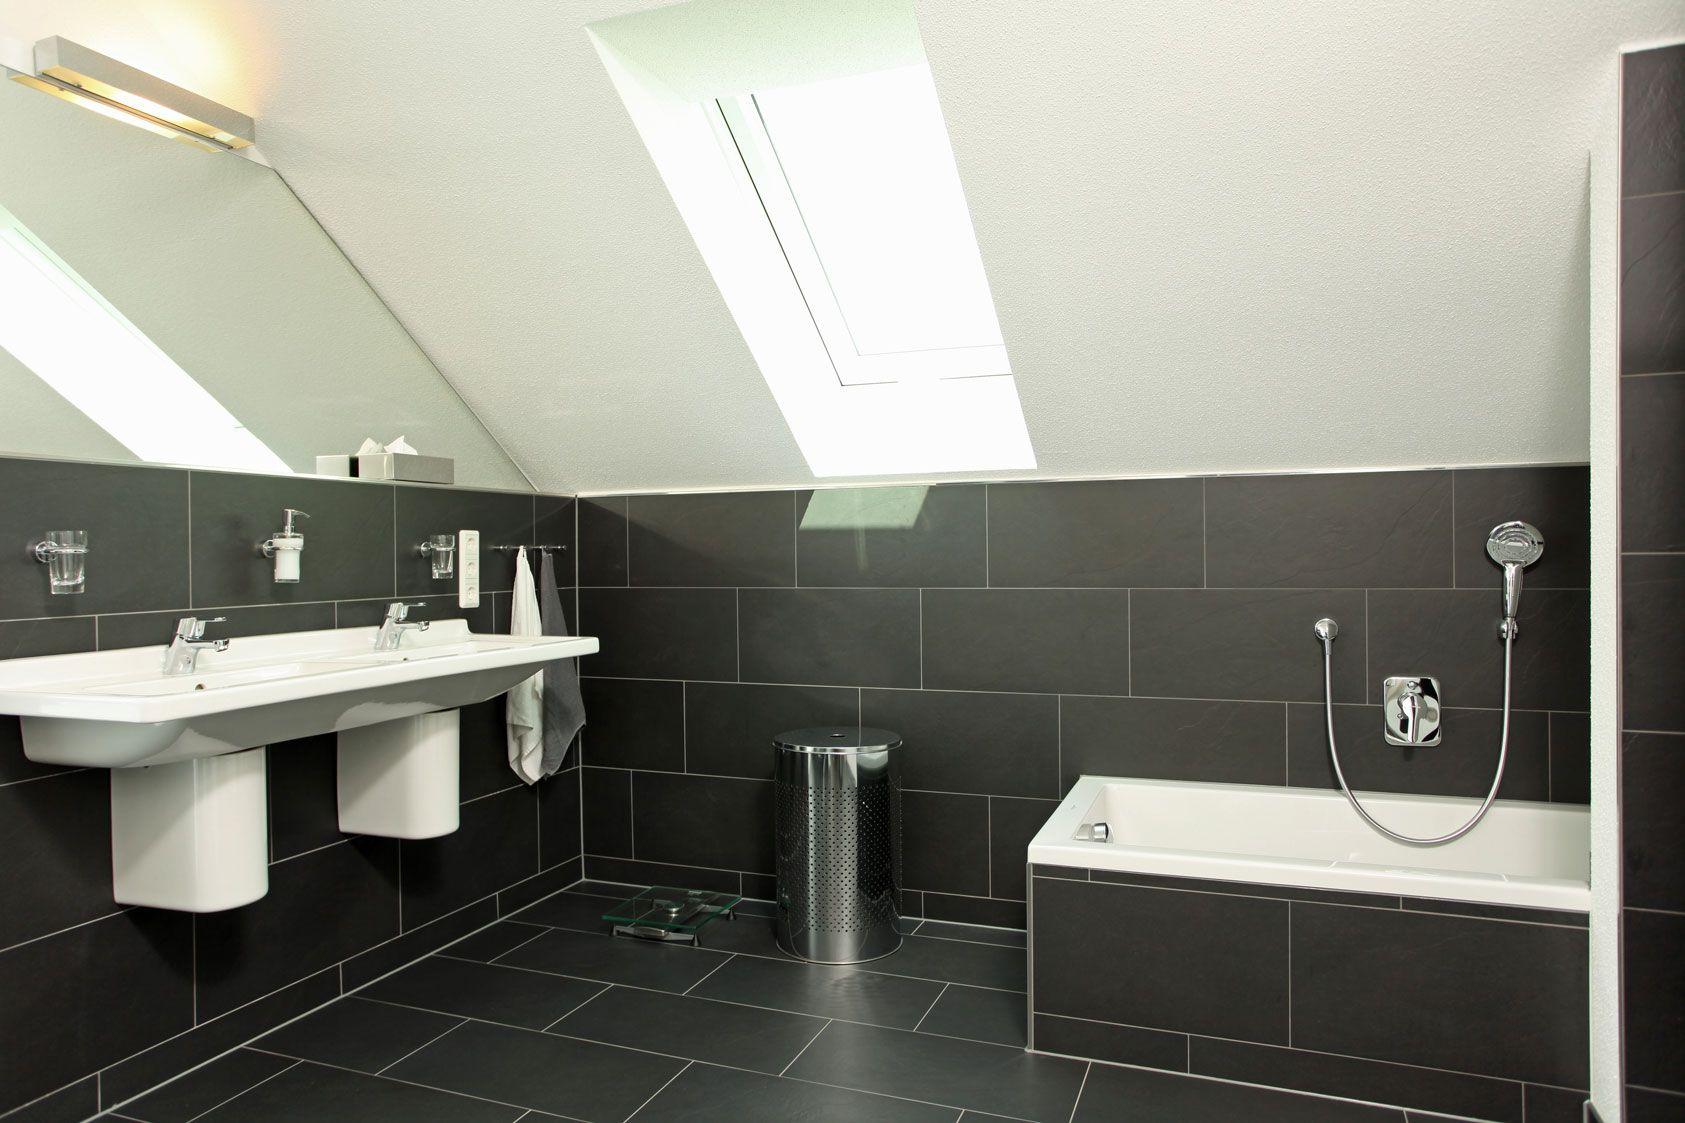 Badezimmer Mit Dunklen Fliesen Mit Bildern Badezimmer Fertighaus Kaufen Fingerhaus